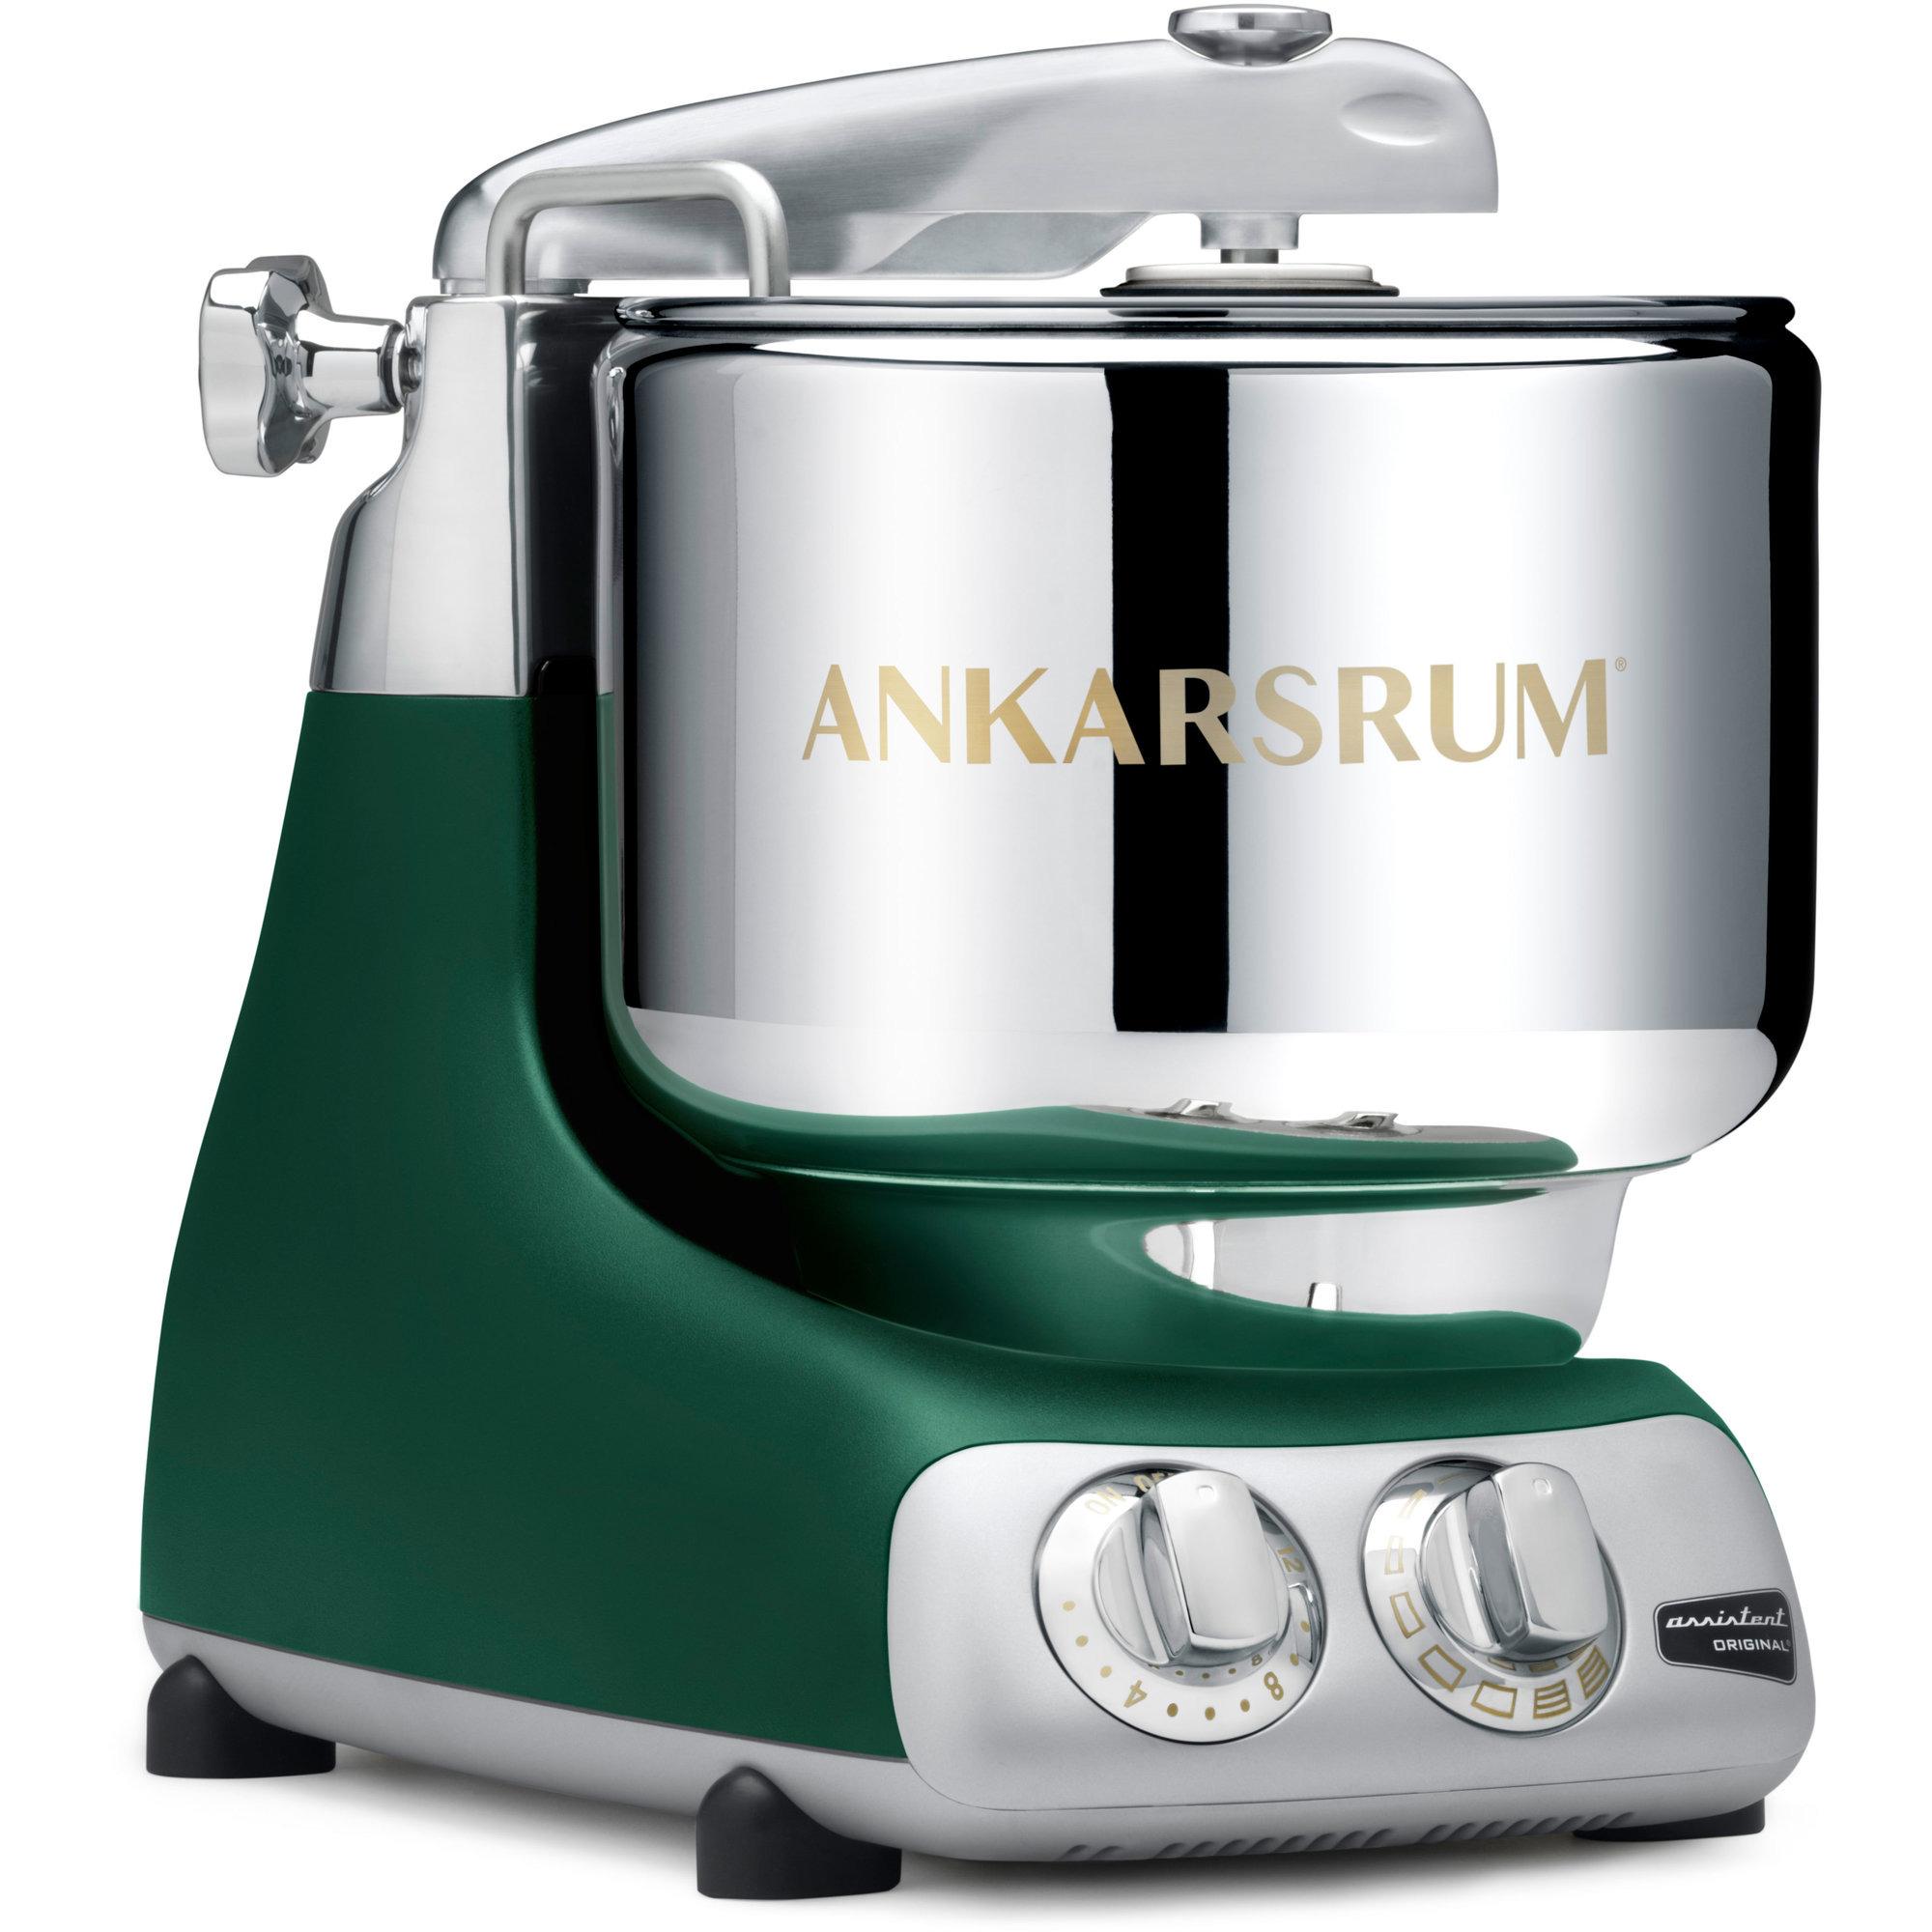 Bild av Ankarsrum Assistent Original Forrest Green AKM 6230 FG